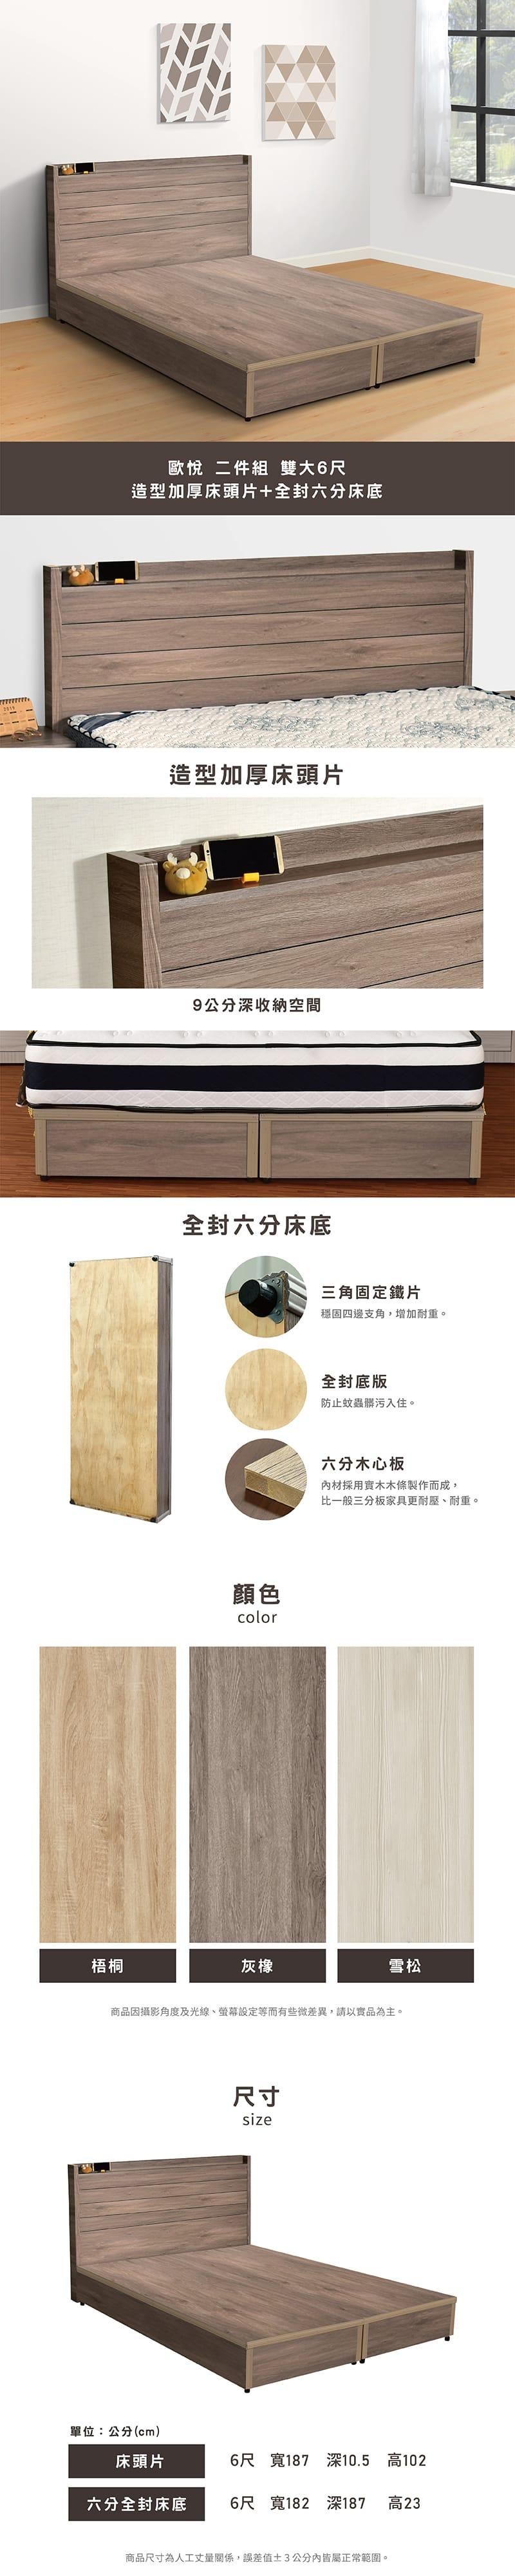 收納床組兩件 雙人加大6尺(床頭片+床底)【諾亞】